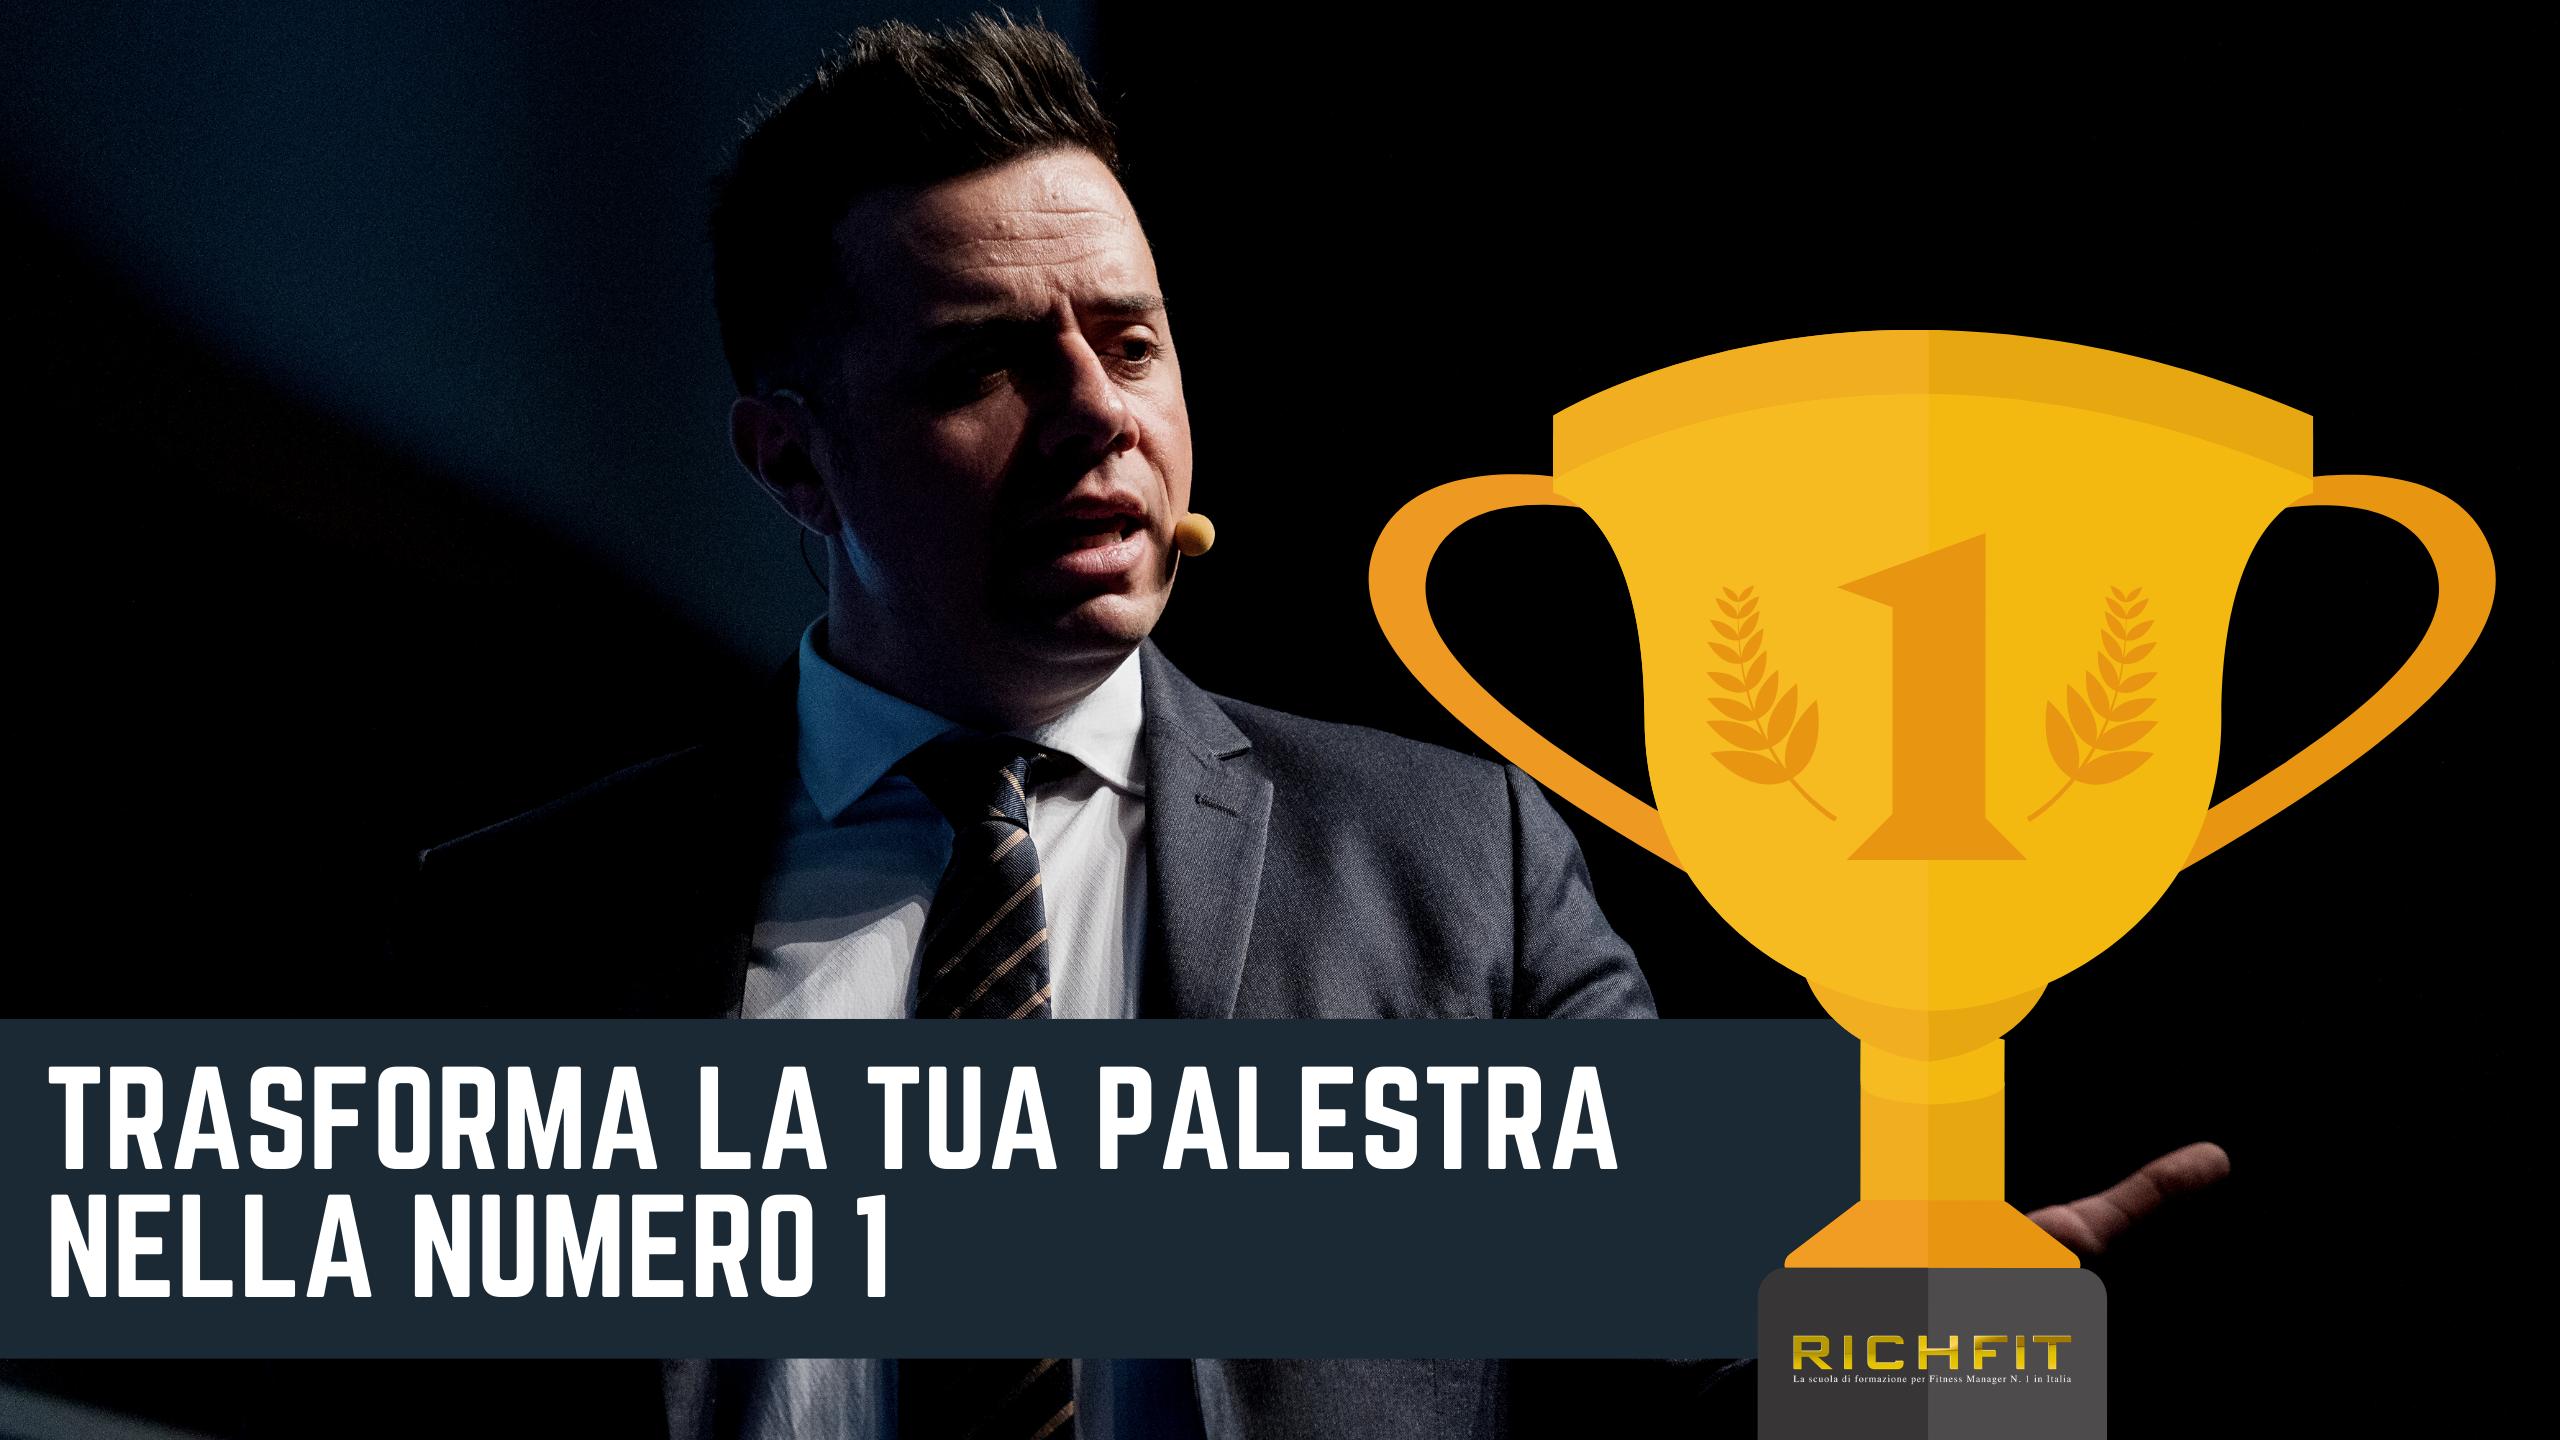 Emanuele Pianelli Trasforma la tua palestra nella Numero 1